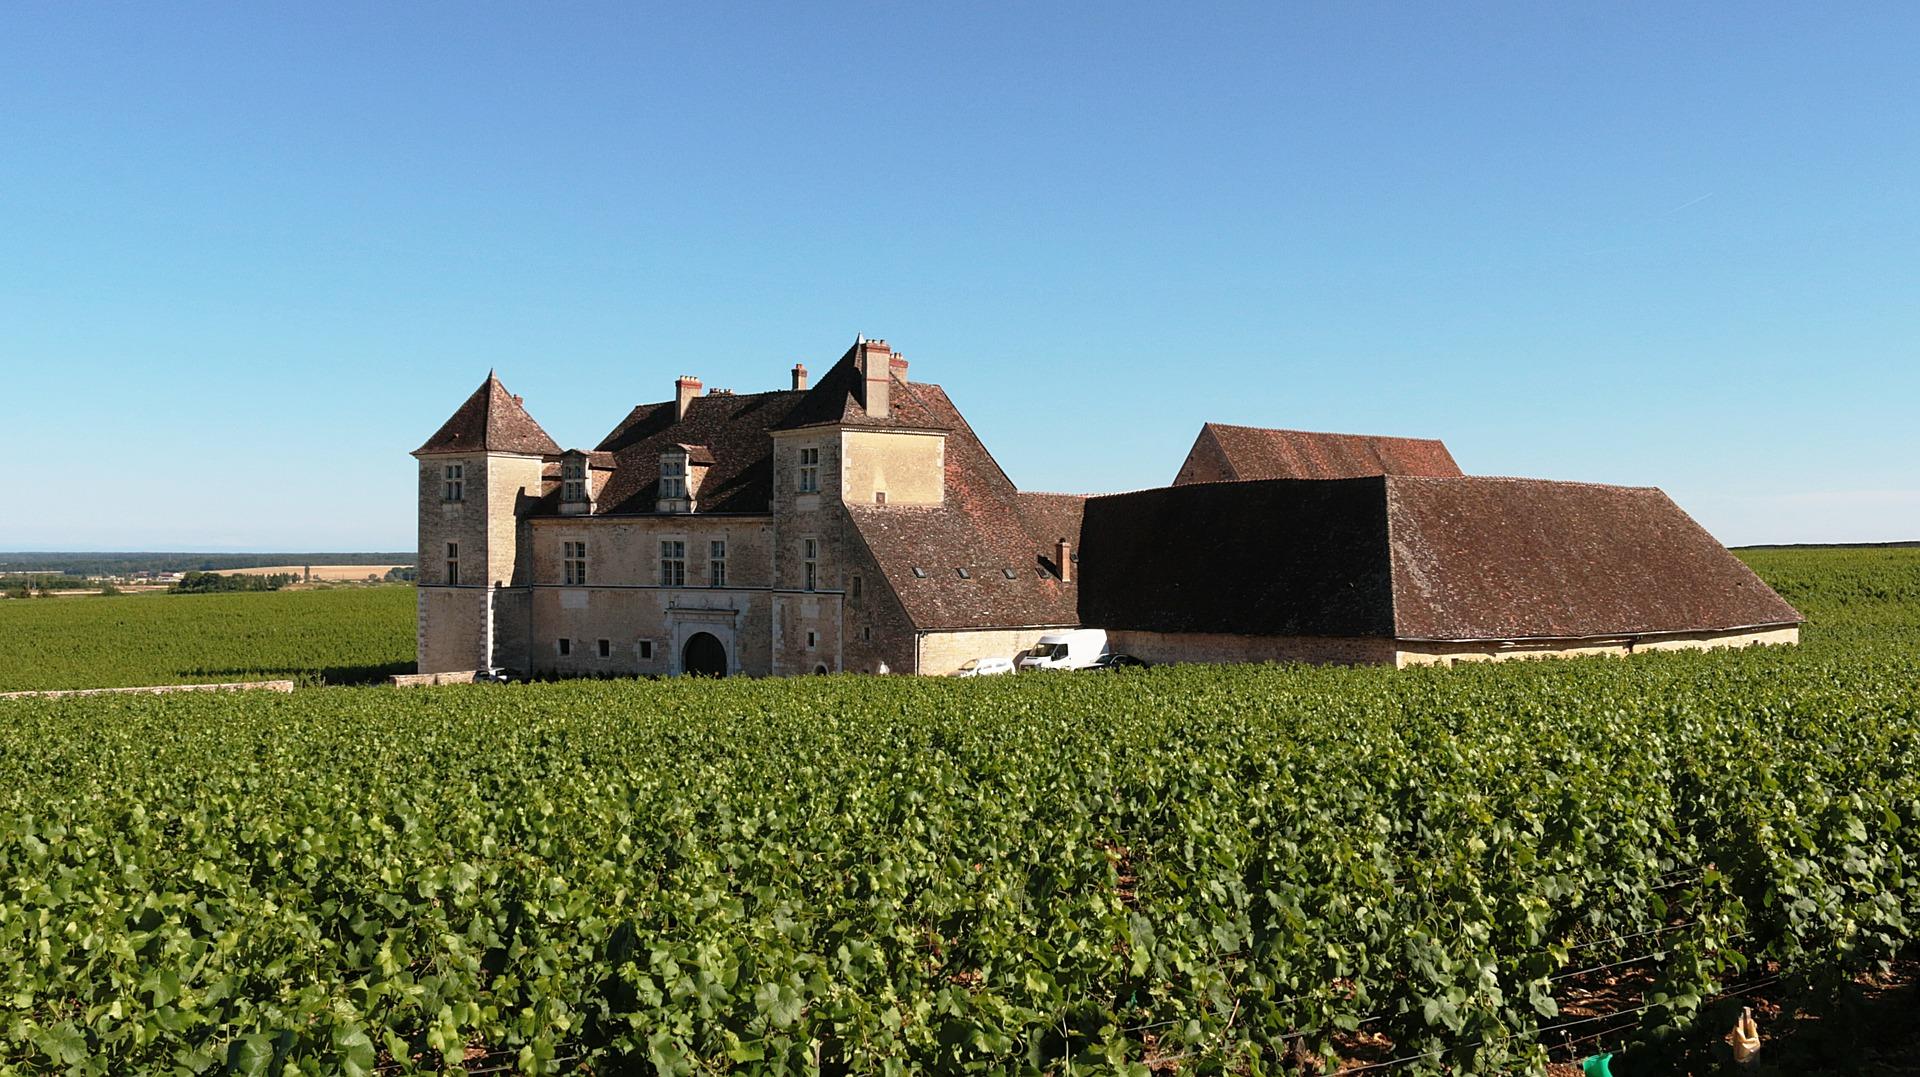 web2-wine-bourgogne-chateau-de-clos-de-vougeot-374419_1920.jpg